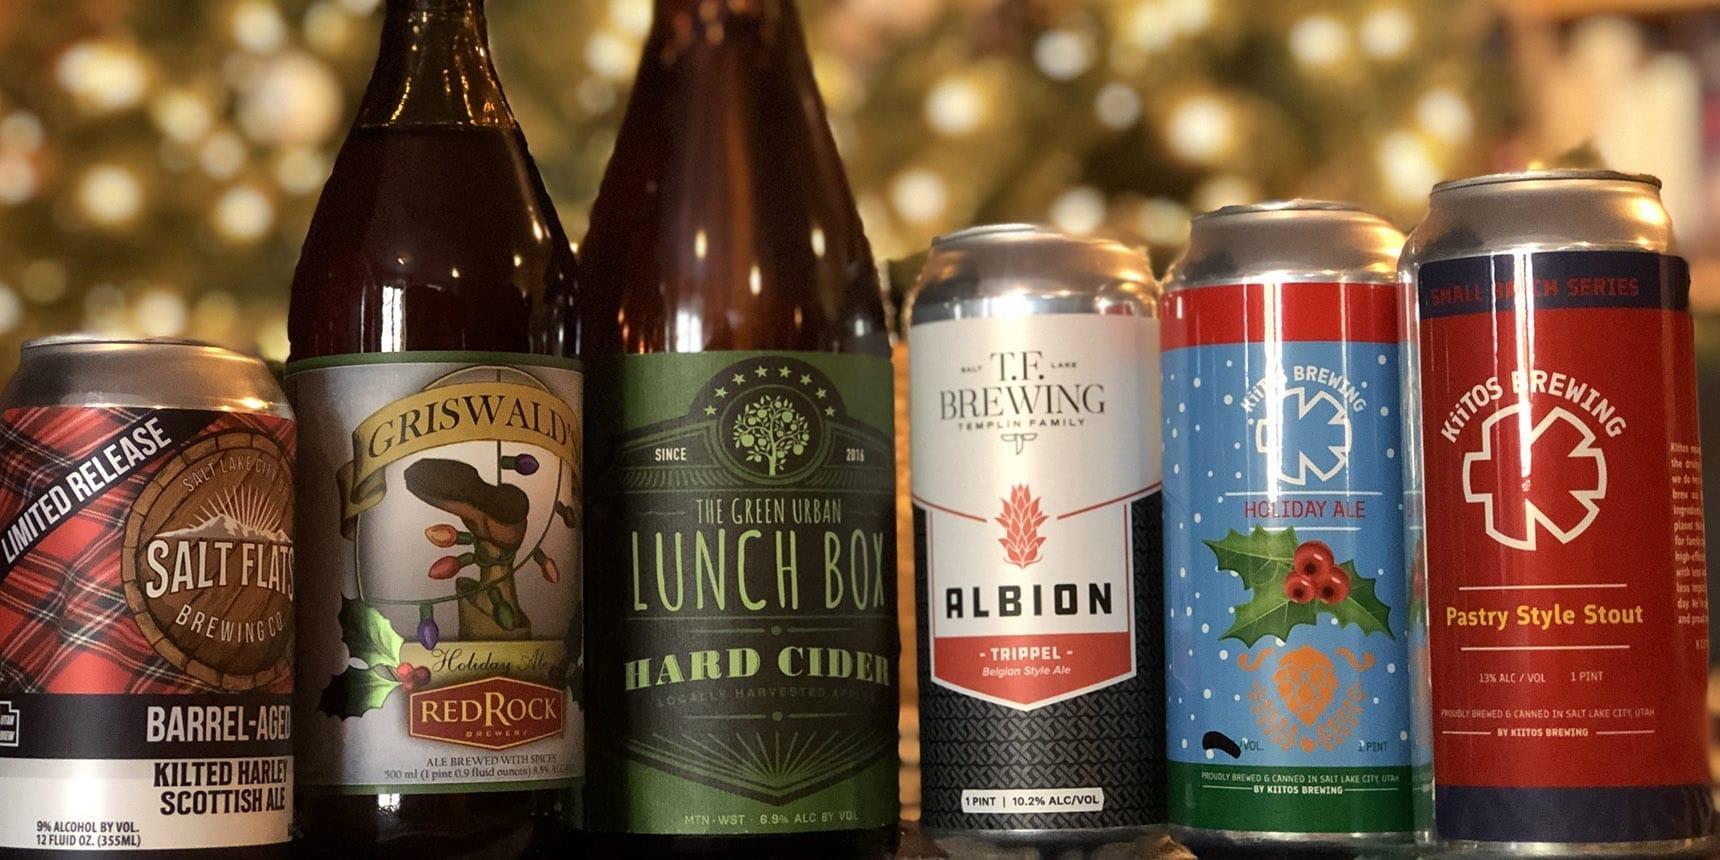 Utah Holiday Beers 2019 - Featured